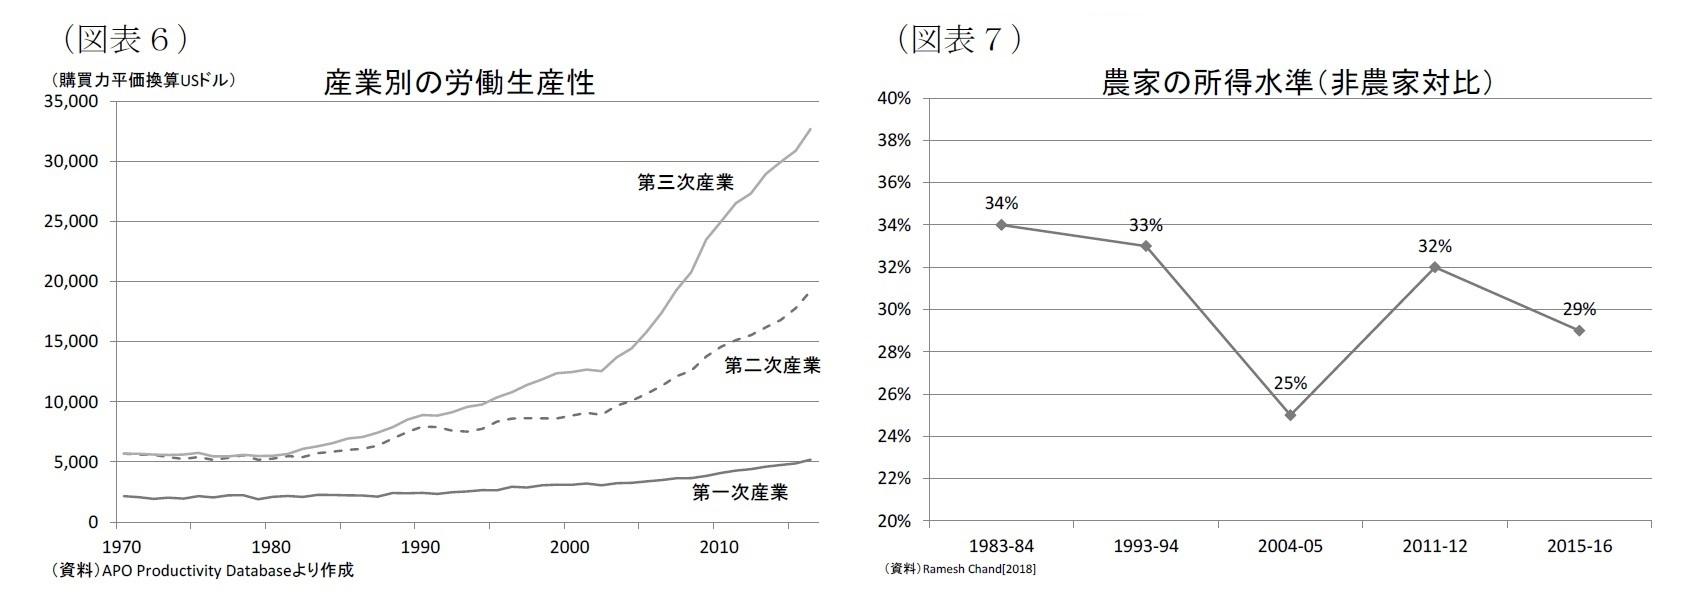 (図表6)産業別の労働生産性/(図表7)農家の所得水準(非農家対比)